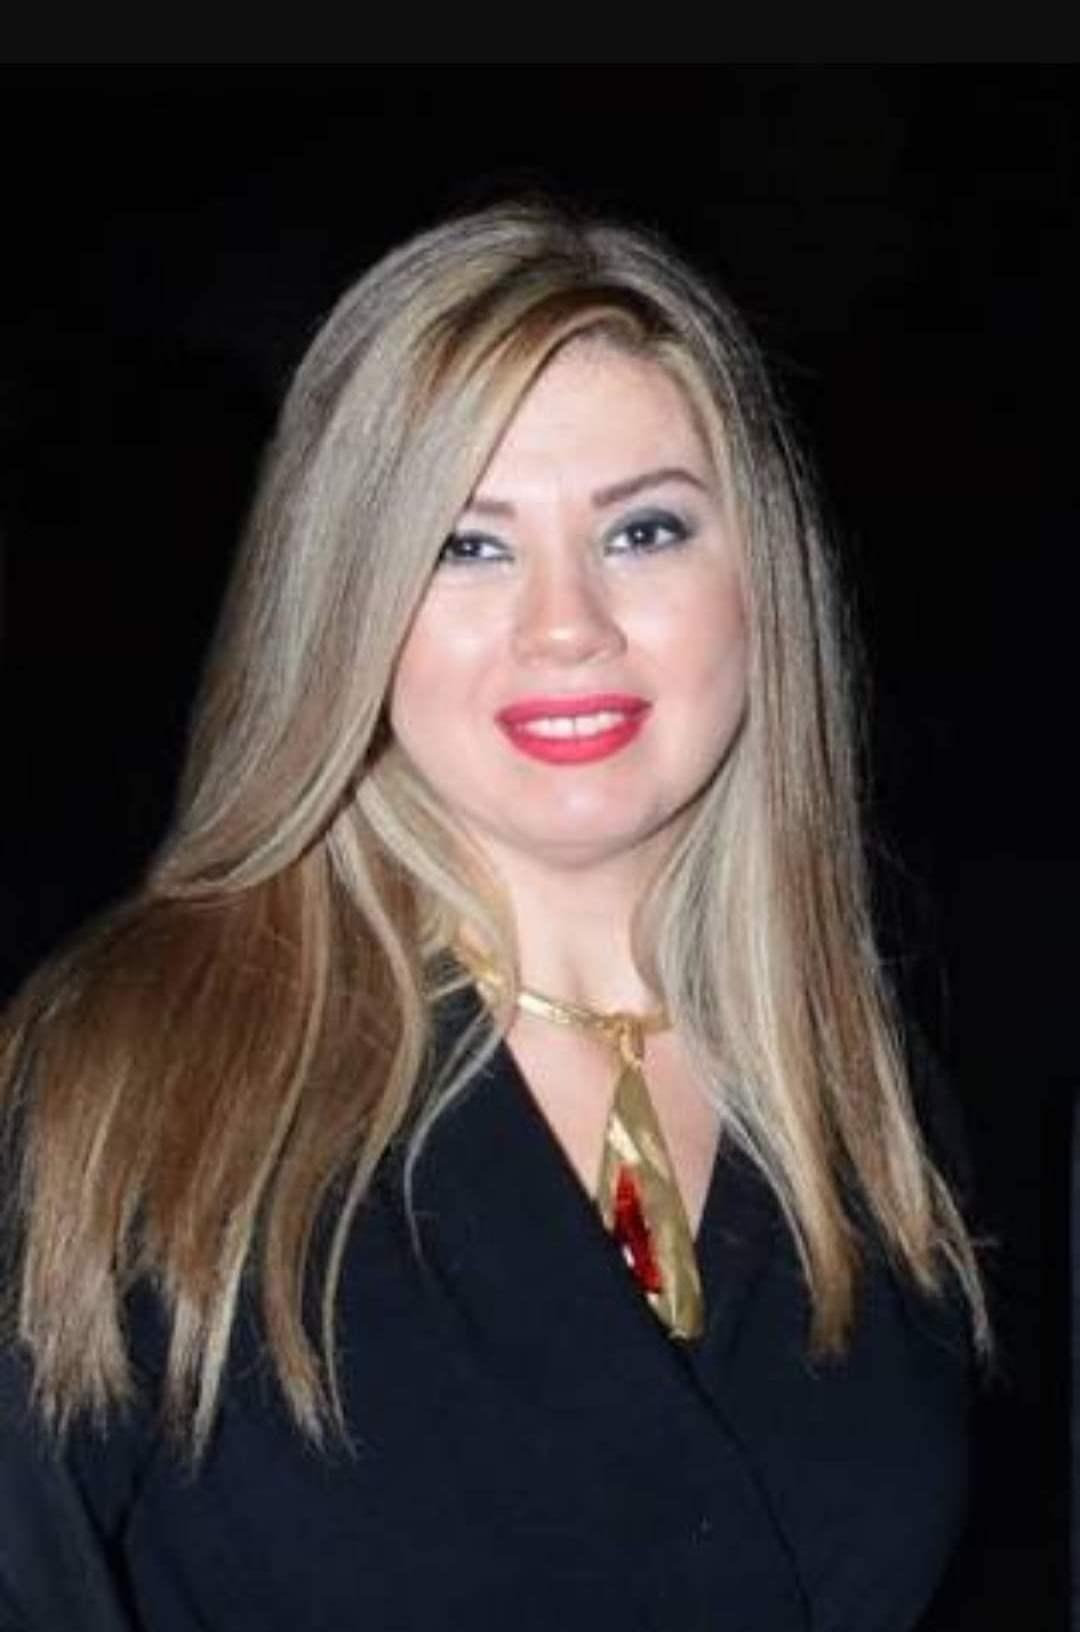 رانيا فريد شوقي- الصورة من فيسبوك رانيا فريد شوقي